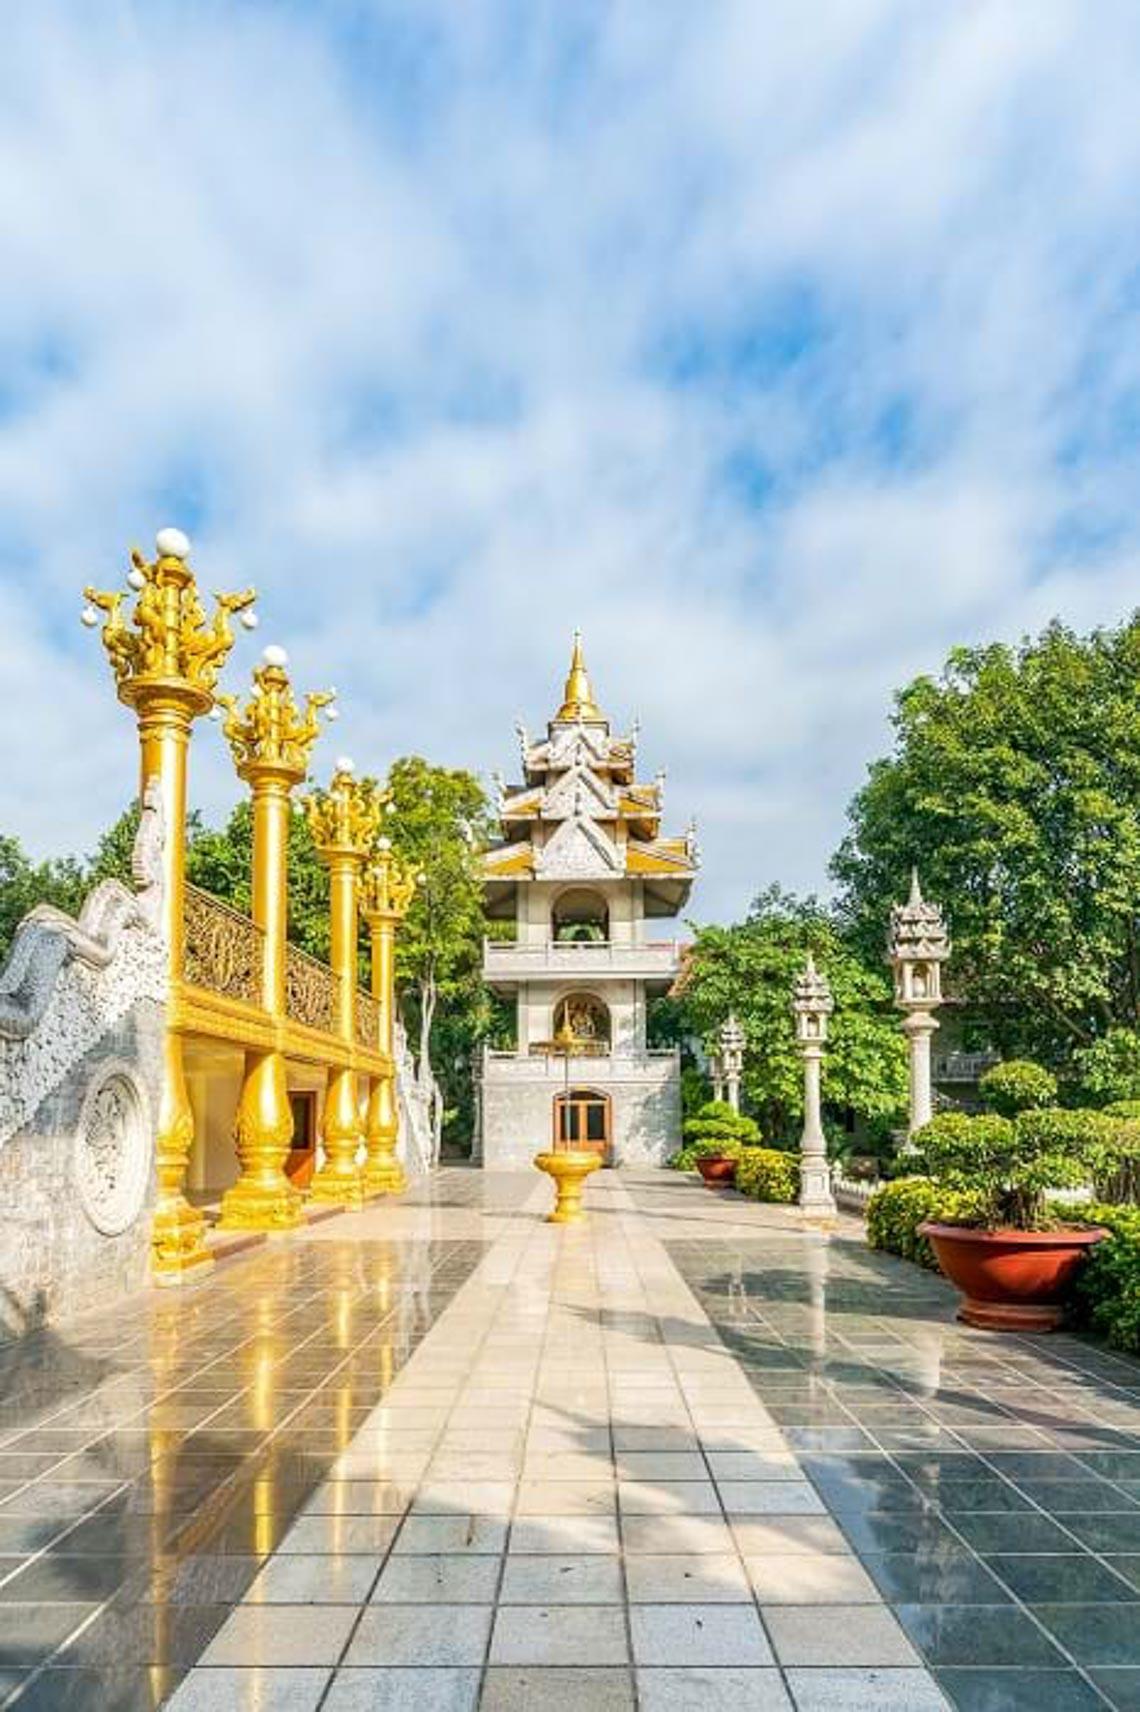 Nét kiến trúc theo phong cách Thái Lan của ngôi chùa trong Top đẹp nhất thế giới -17